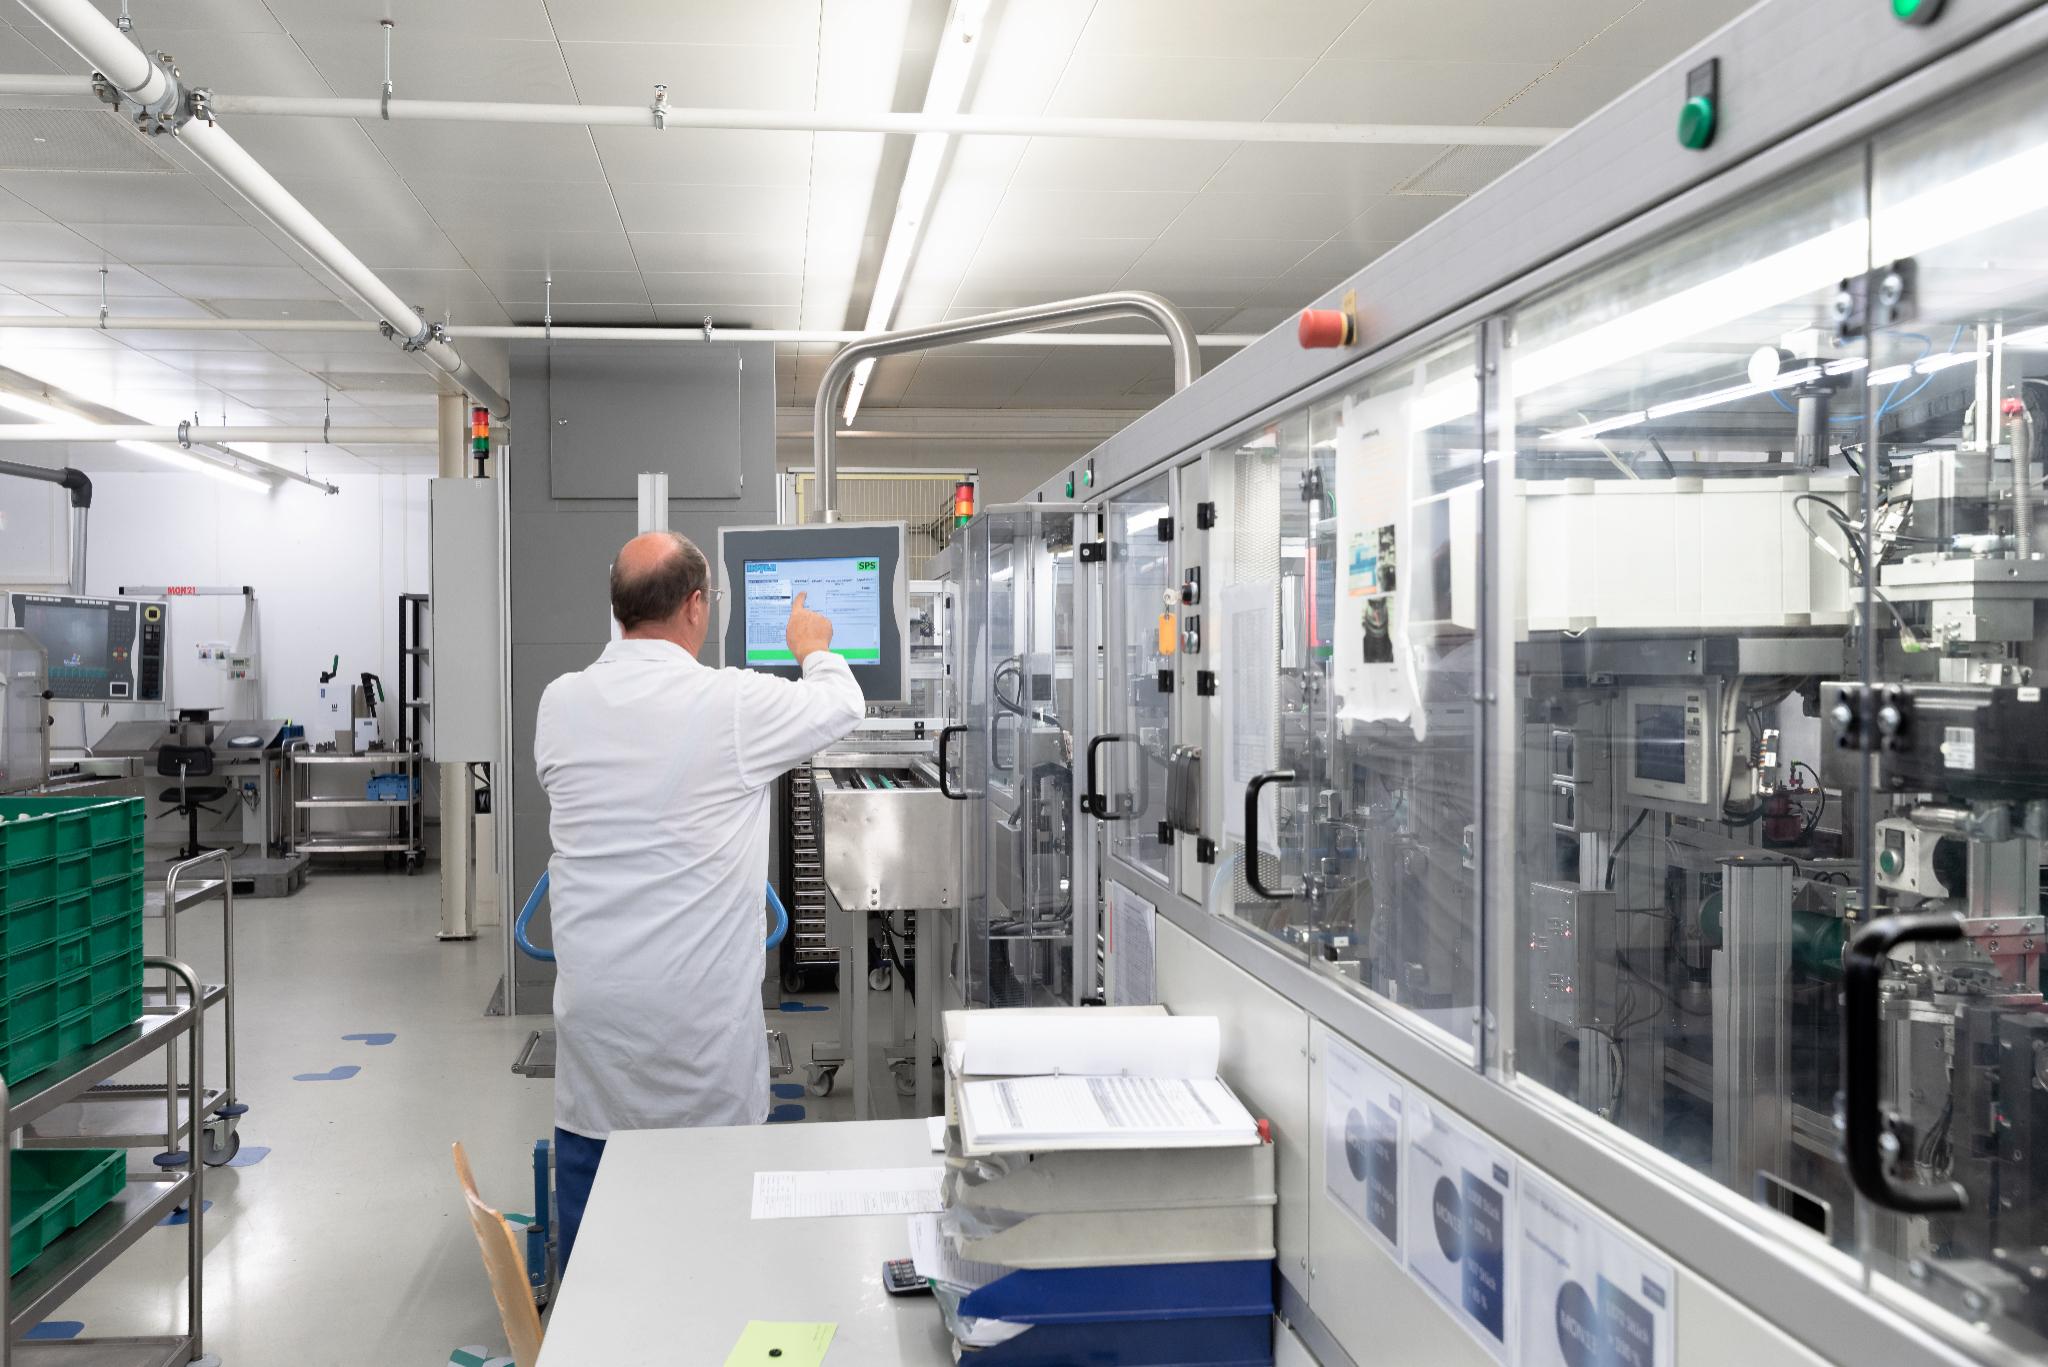 Objekt & Industriefotograf Deutschland: Innenaufnahme des Labors